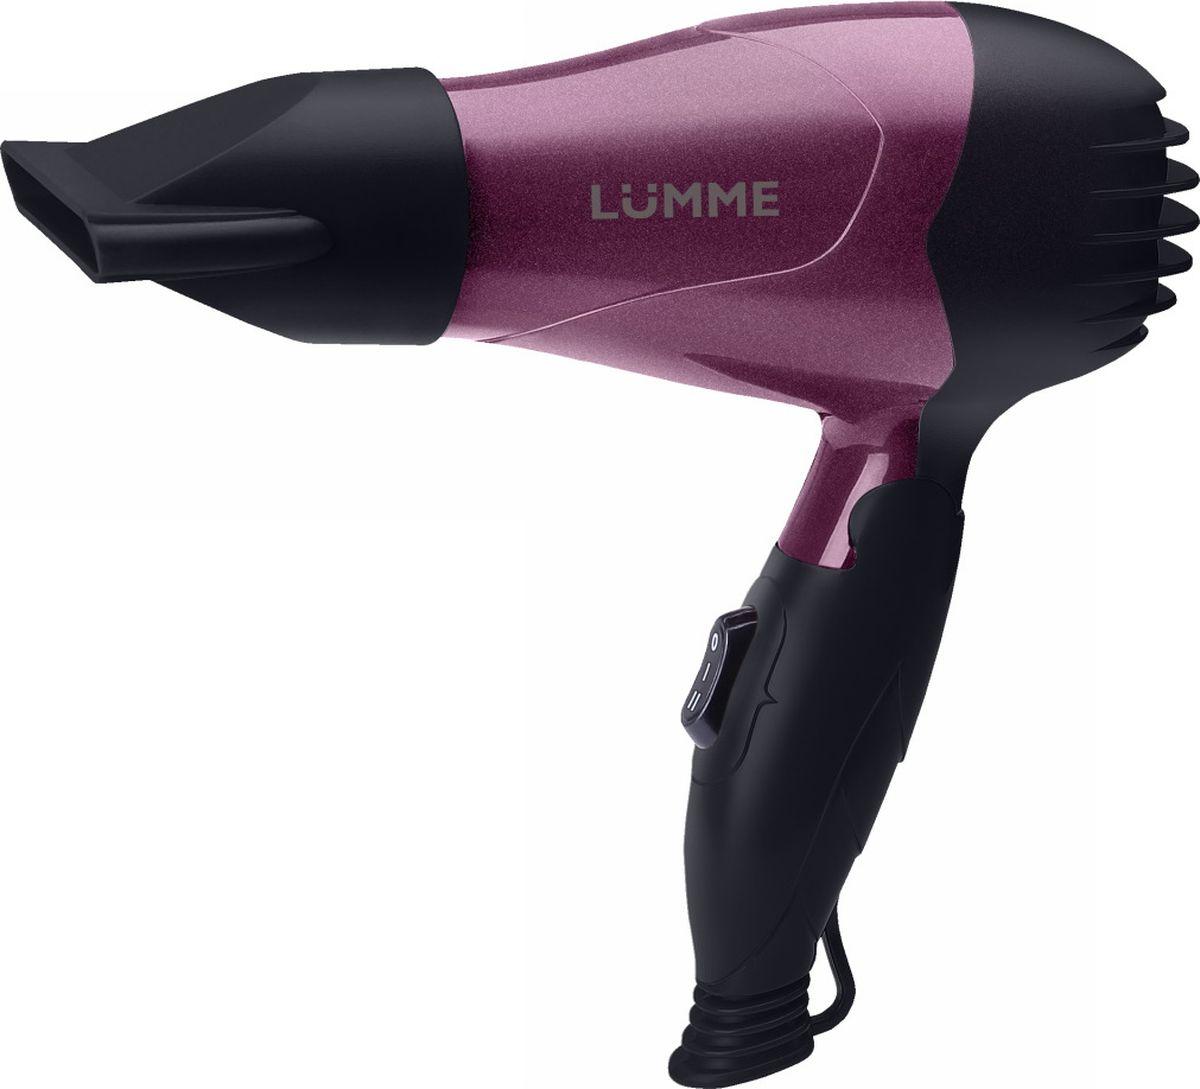 Lumme LU-1045, Purple Charoite фенLU-1045 чароитLumme LU-1045 - компактный 1.2-киловаттный фен из высококачественного термостойкого пластика с двумярежимами мощности для выбора оптимального воздушного потока.Идеален, чтобы брать его с собой в дорогу или хранить в небольшом ящике с одеждой. Благодаря складной ручкефен занимает минимум места при хранении и транспортировке.Покрытие корпуса фена soft touch приятно на ощупь и не скользит в руке, что дает дополнительный комфорт вработе.Удобный переключатель мощности воздушного потока на два положения: для бережной укладки или интенсивнойсушки волос.Концентратор для укладки волос позволит точнее направлять воздушный поток, а удобная петелька дляподвешивания - хранить фен всегда под рукой.Полную безопасность при использовании фена обеспечивает функция автоматического отключения приперегреве.